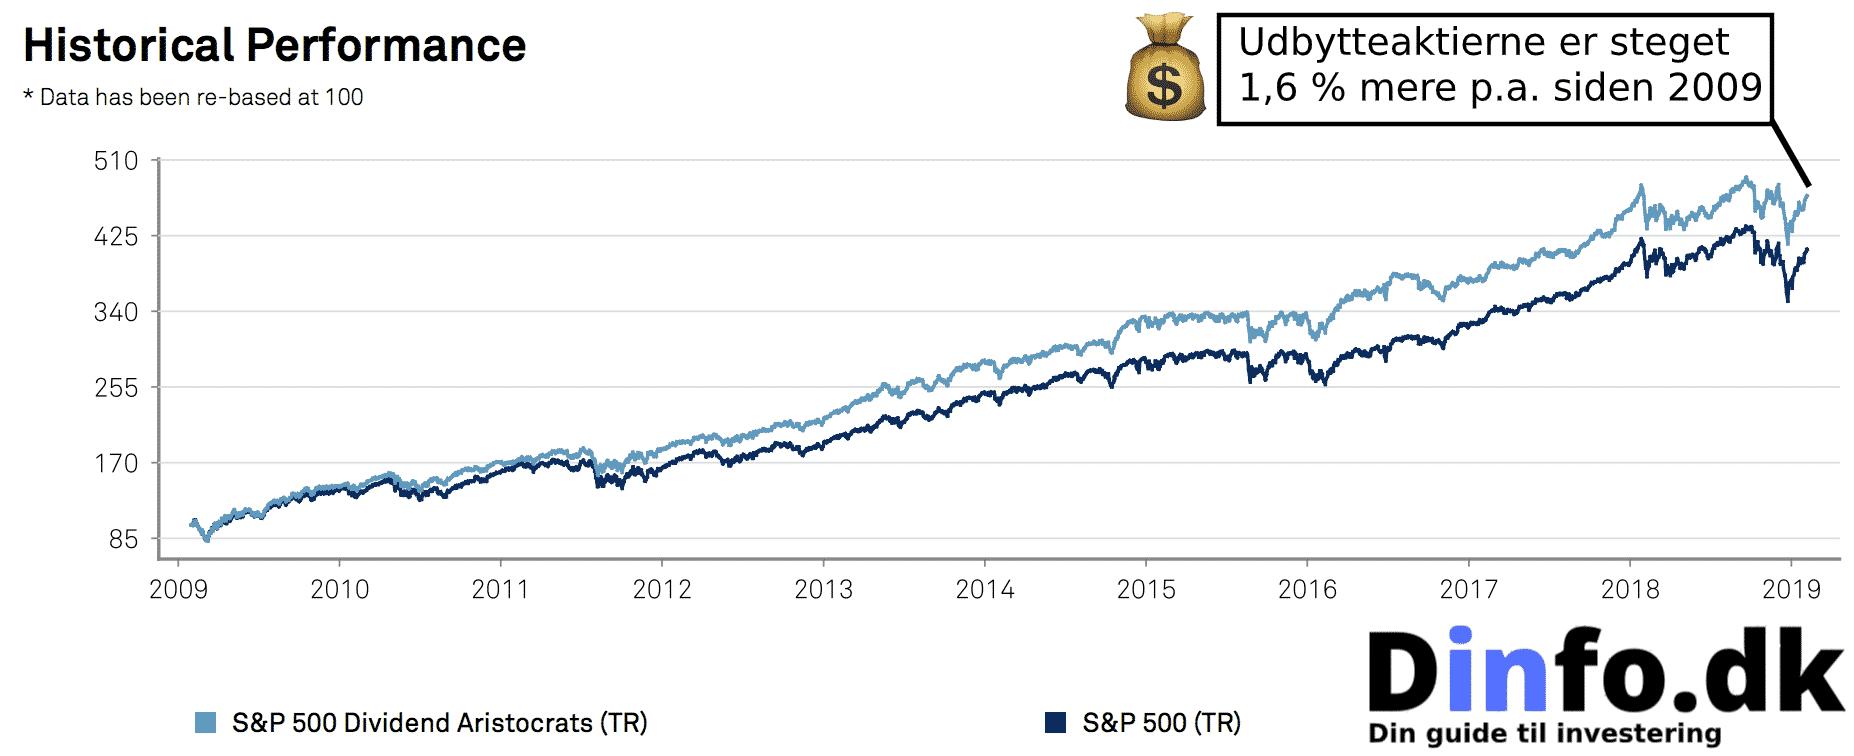 Sammenlining mellem normale aktier og udbytteaktier. Udbytteaktier er bedst